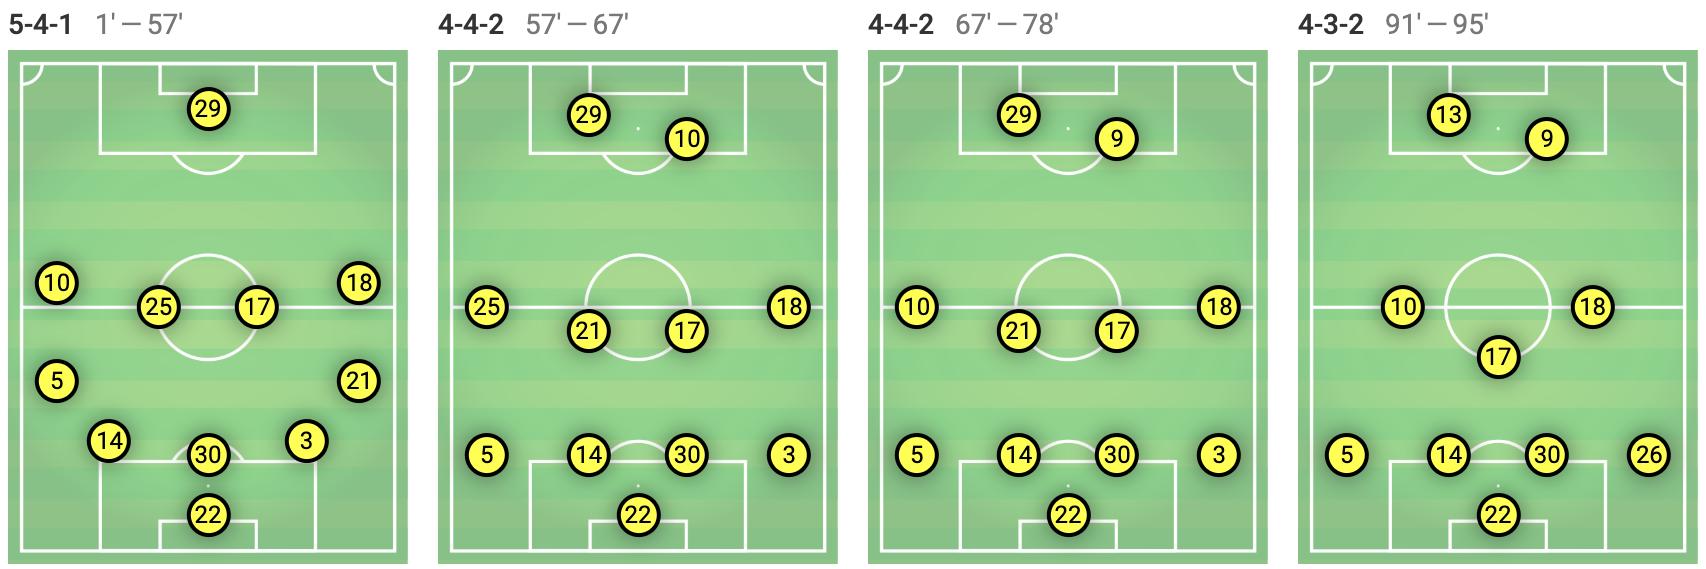 Tactical-Analysis-Ajax-Vitesse-Eredivisie-Statistics